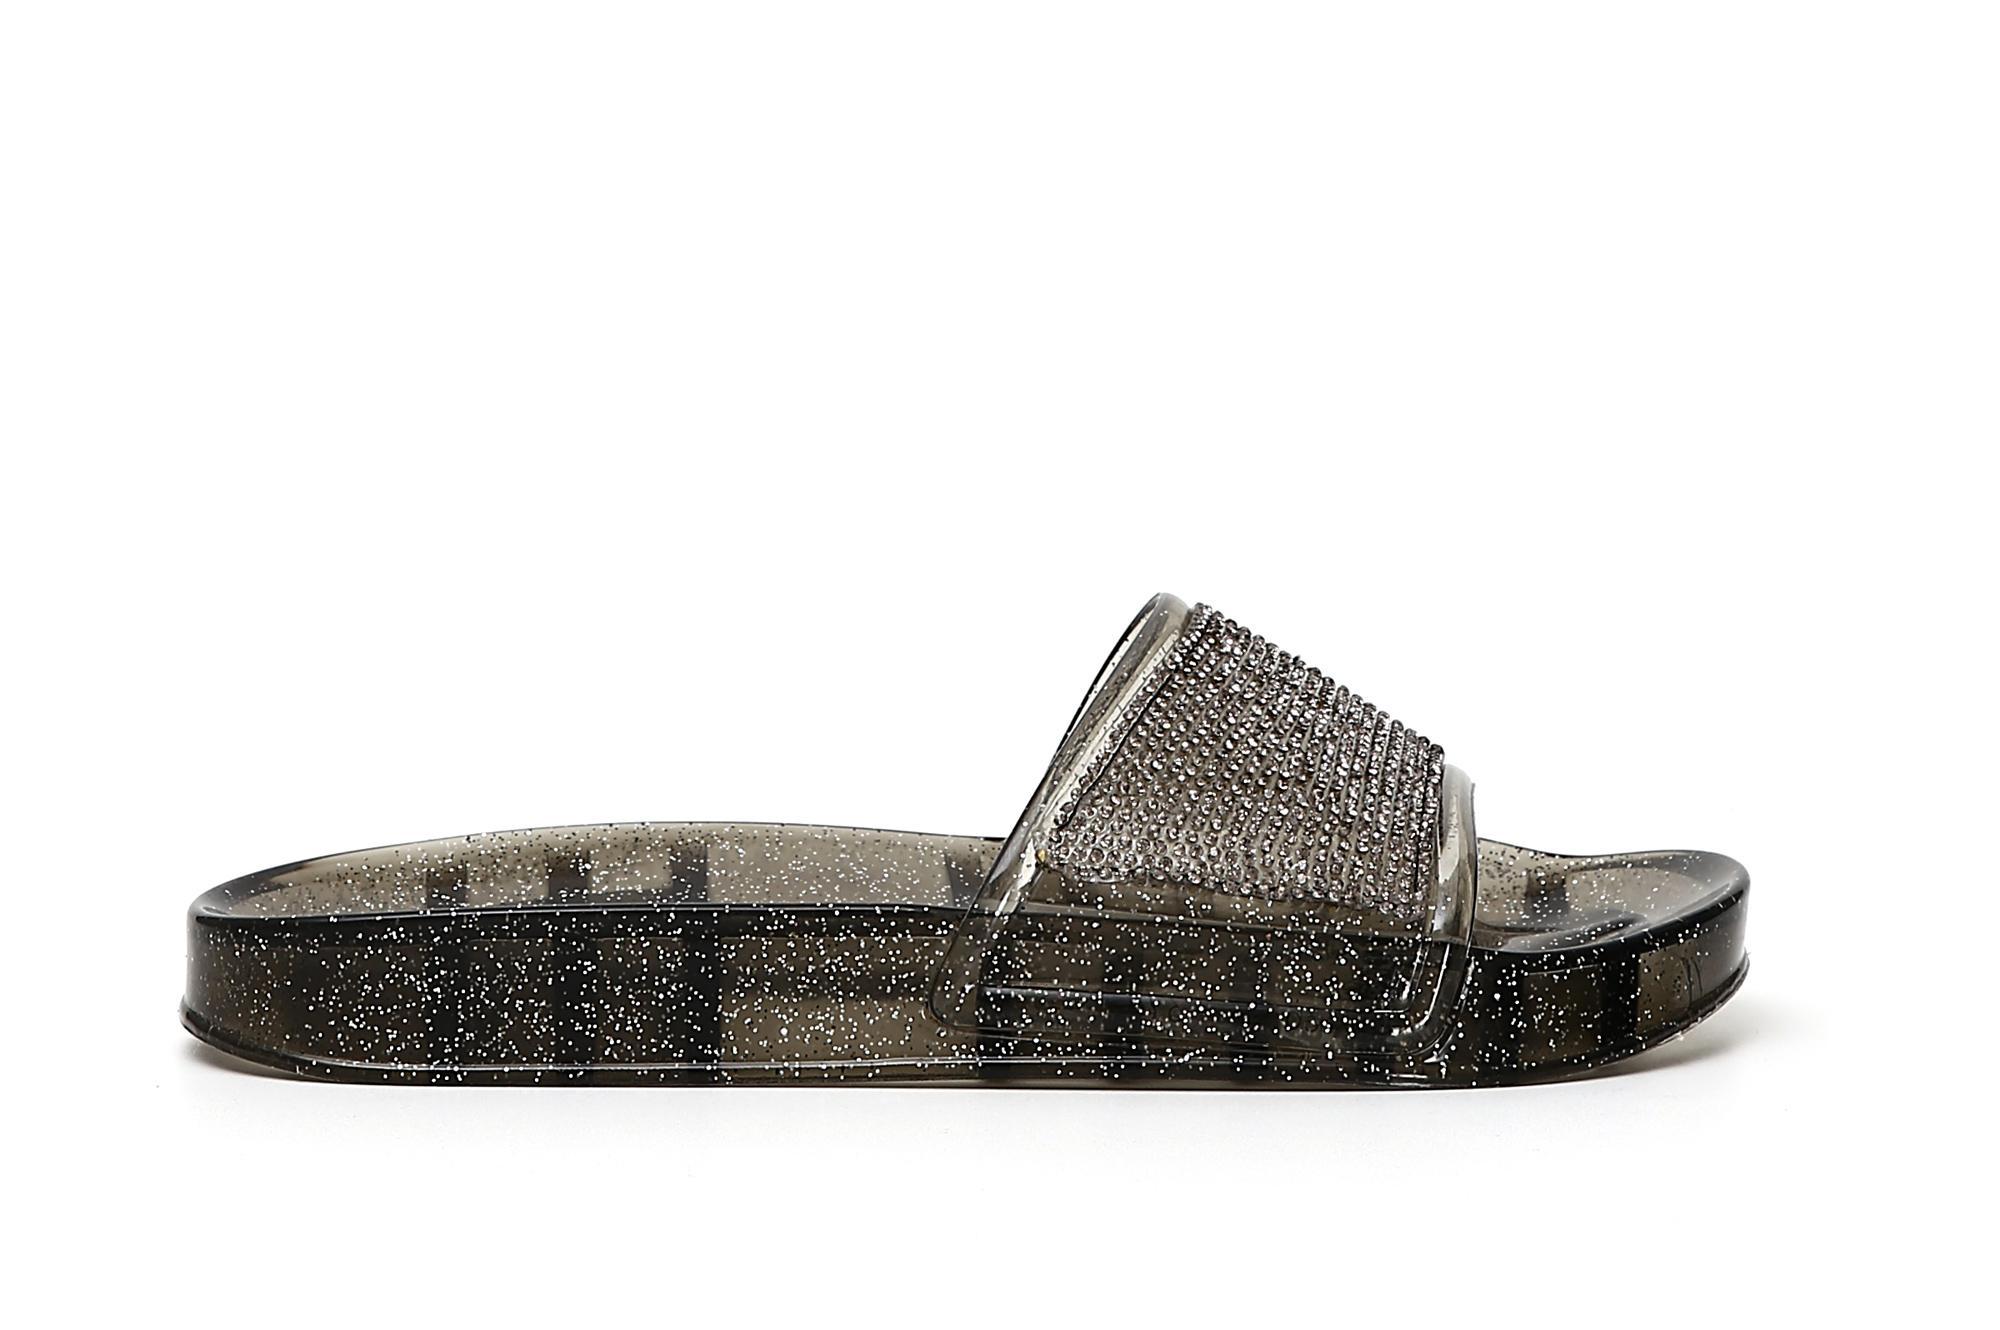 Caf Noir FE920 scarpa ciabatta donna con strass nero